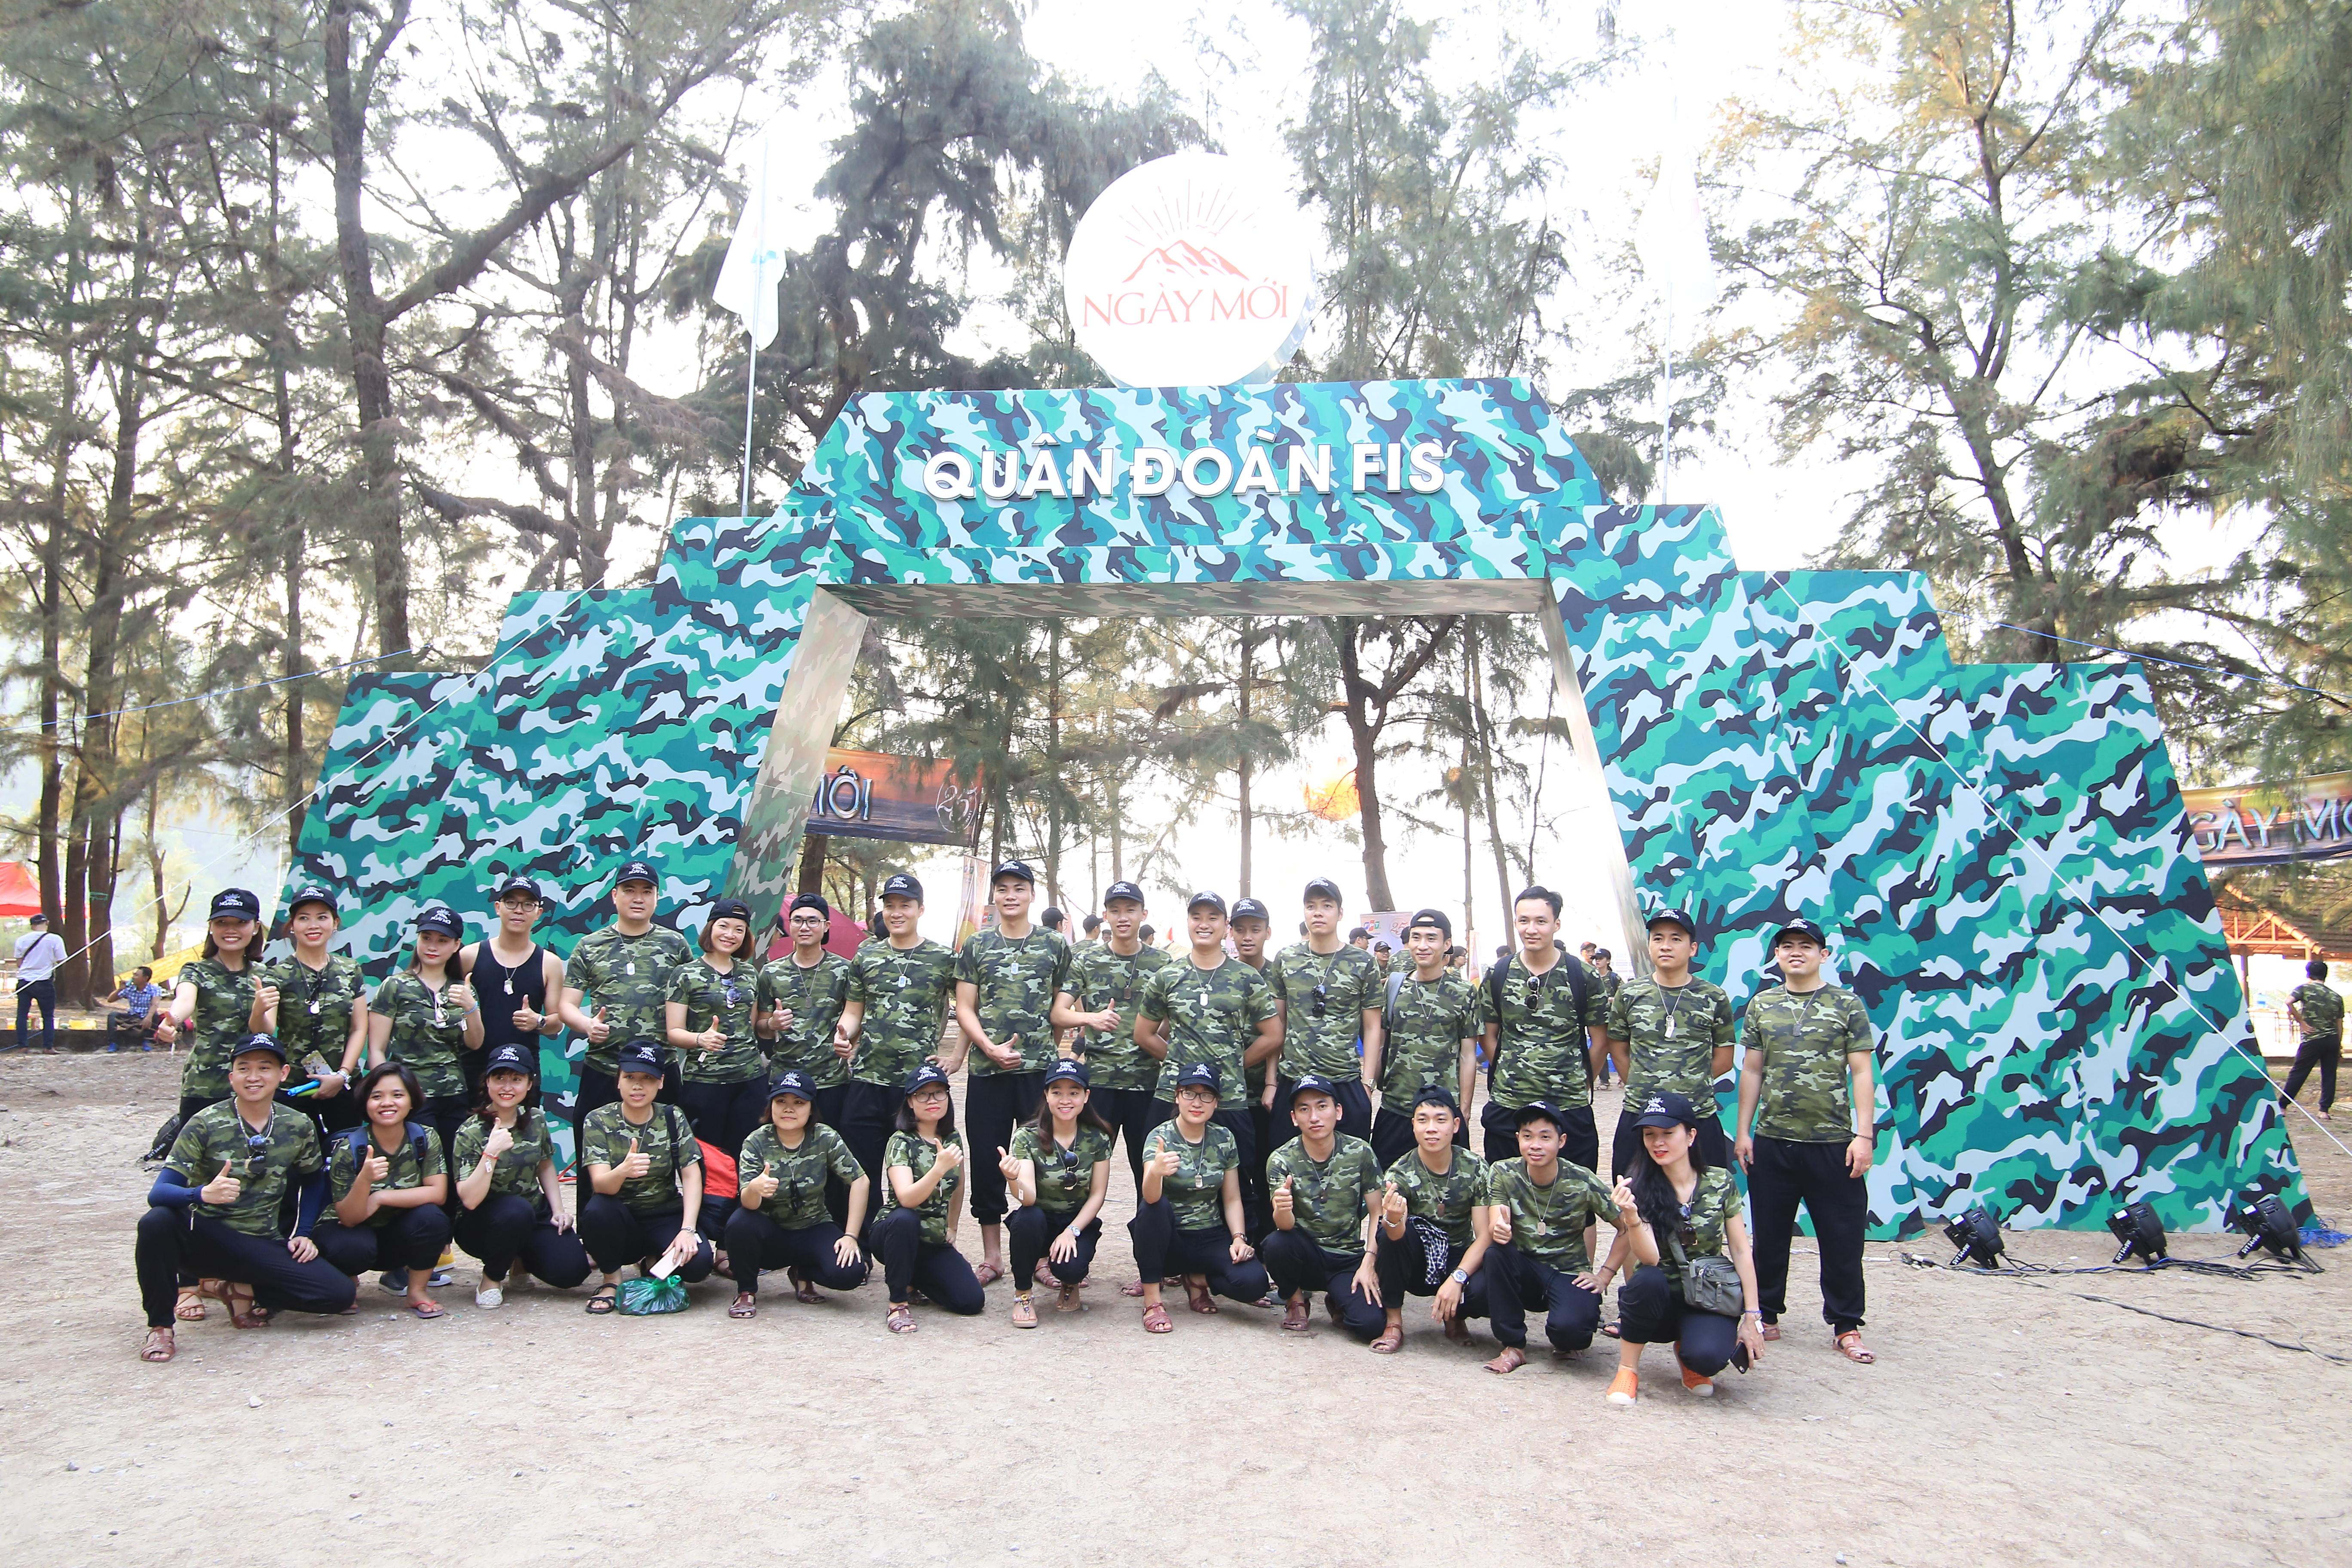 """3 đoàn tàu từ Hà Nội và TP HCM đưa 2.000 """"lính"""" FPT IS tập kết tại bãi biển Cảnh Dương Huế chiều 19/4."""